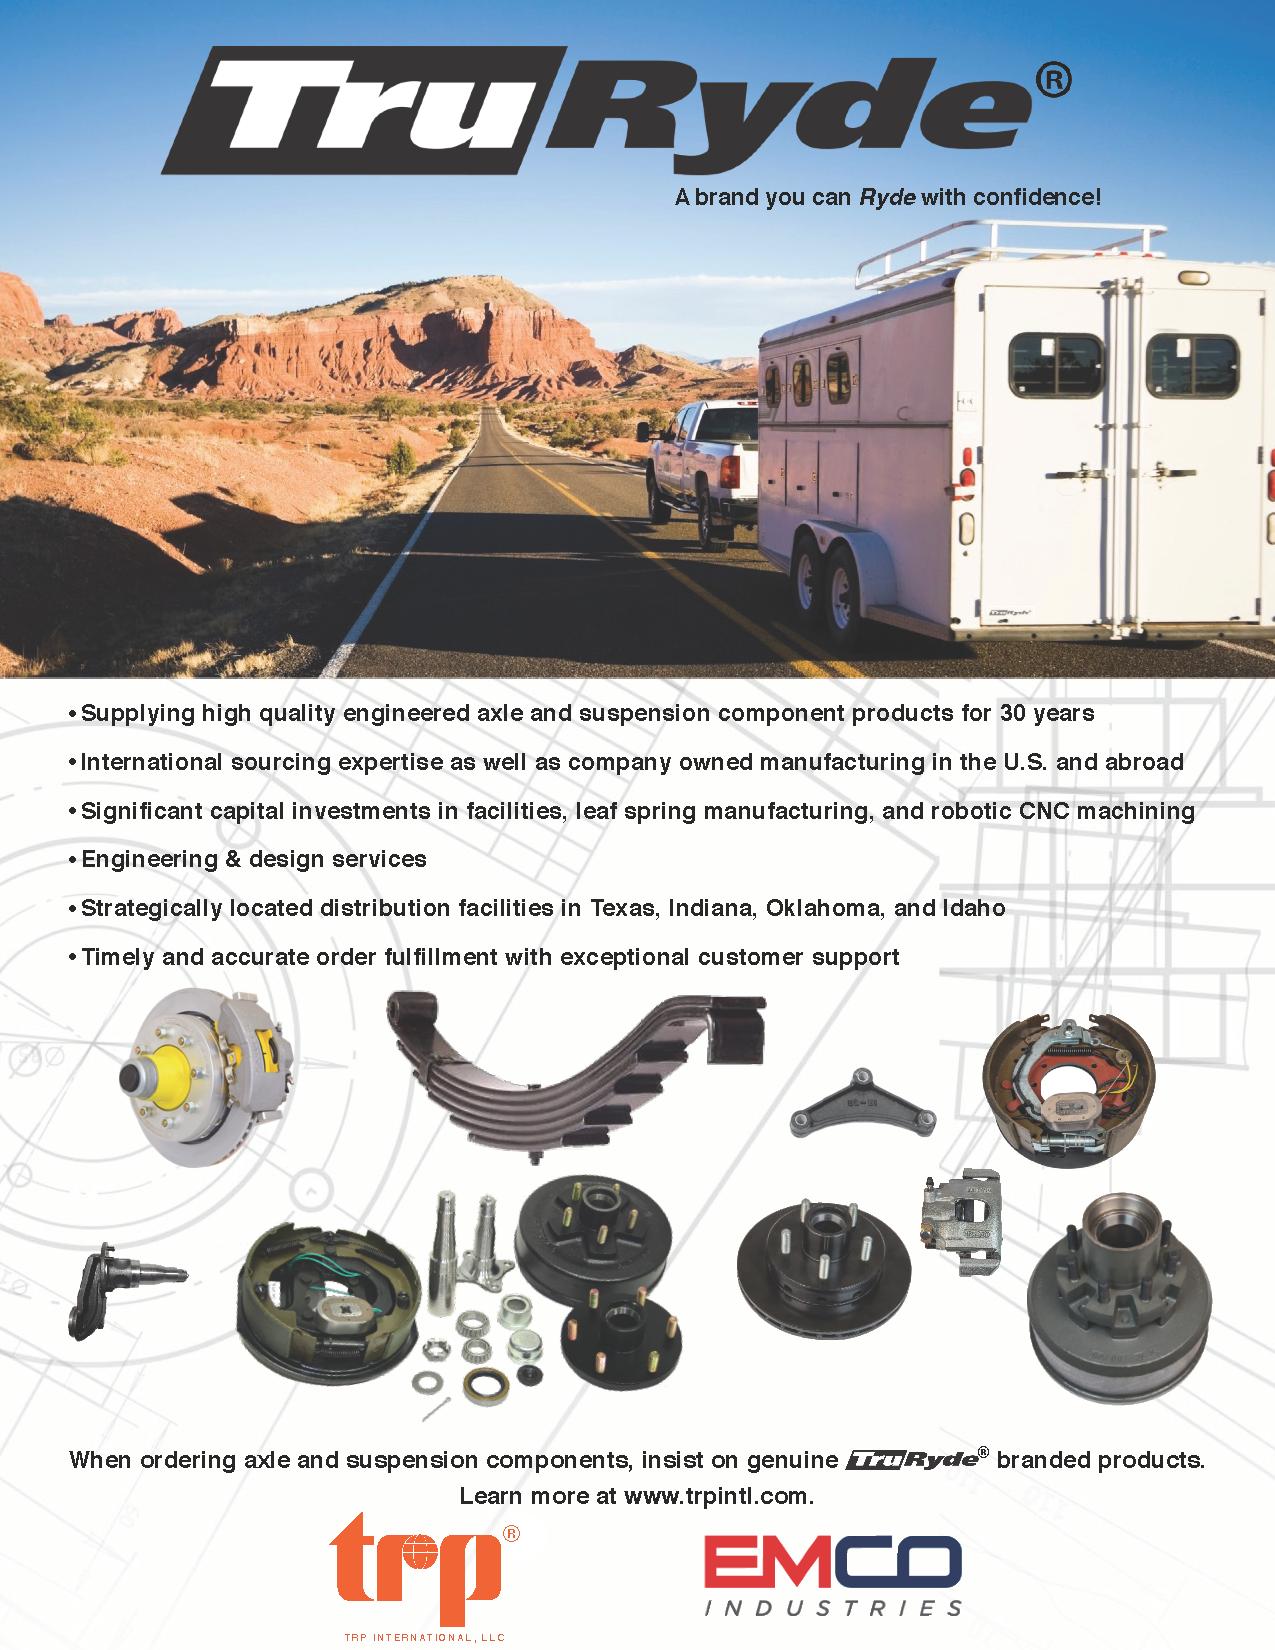 TTRURYDE Flyer-RP-EMCO-3312021-v1